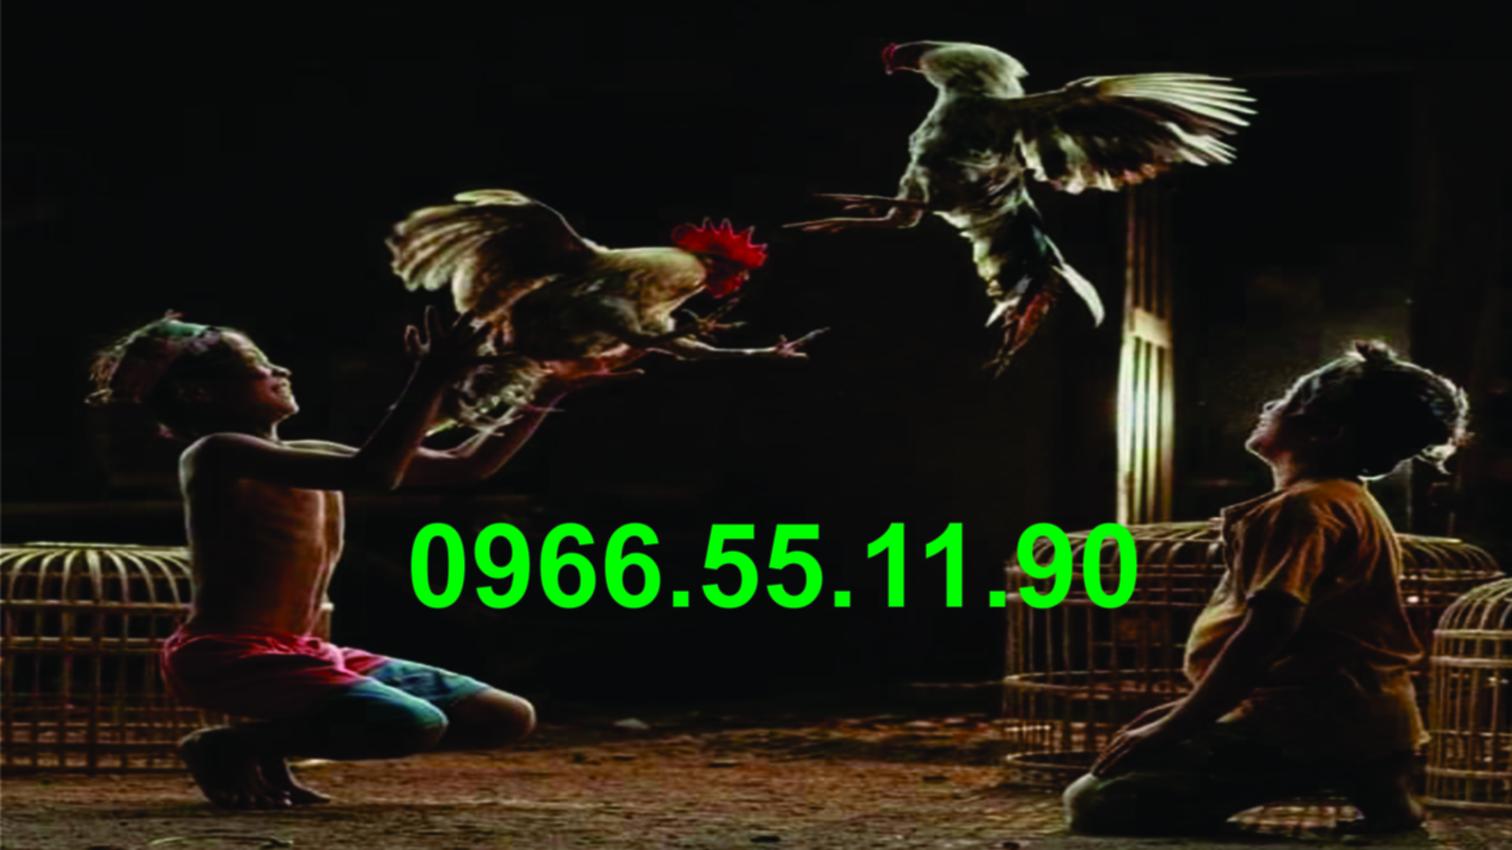 Cặp Gà Lông hàng Giỏi A/e Liên hệ 0966.55.11.90